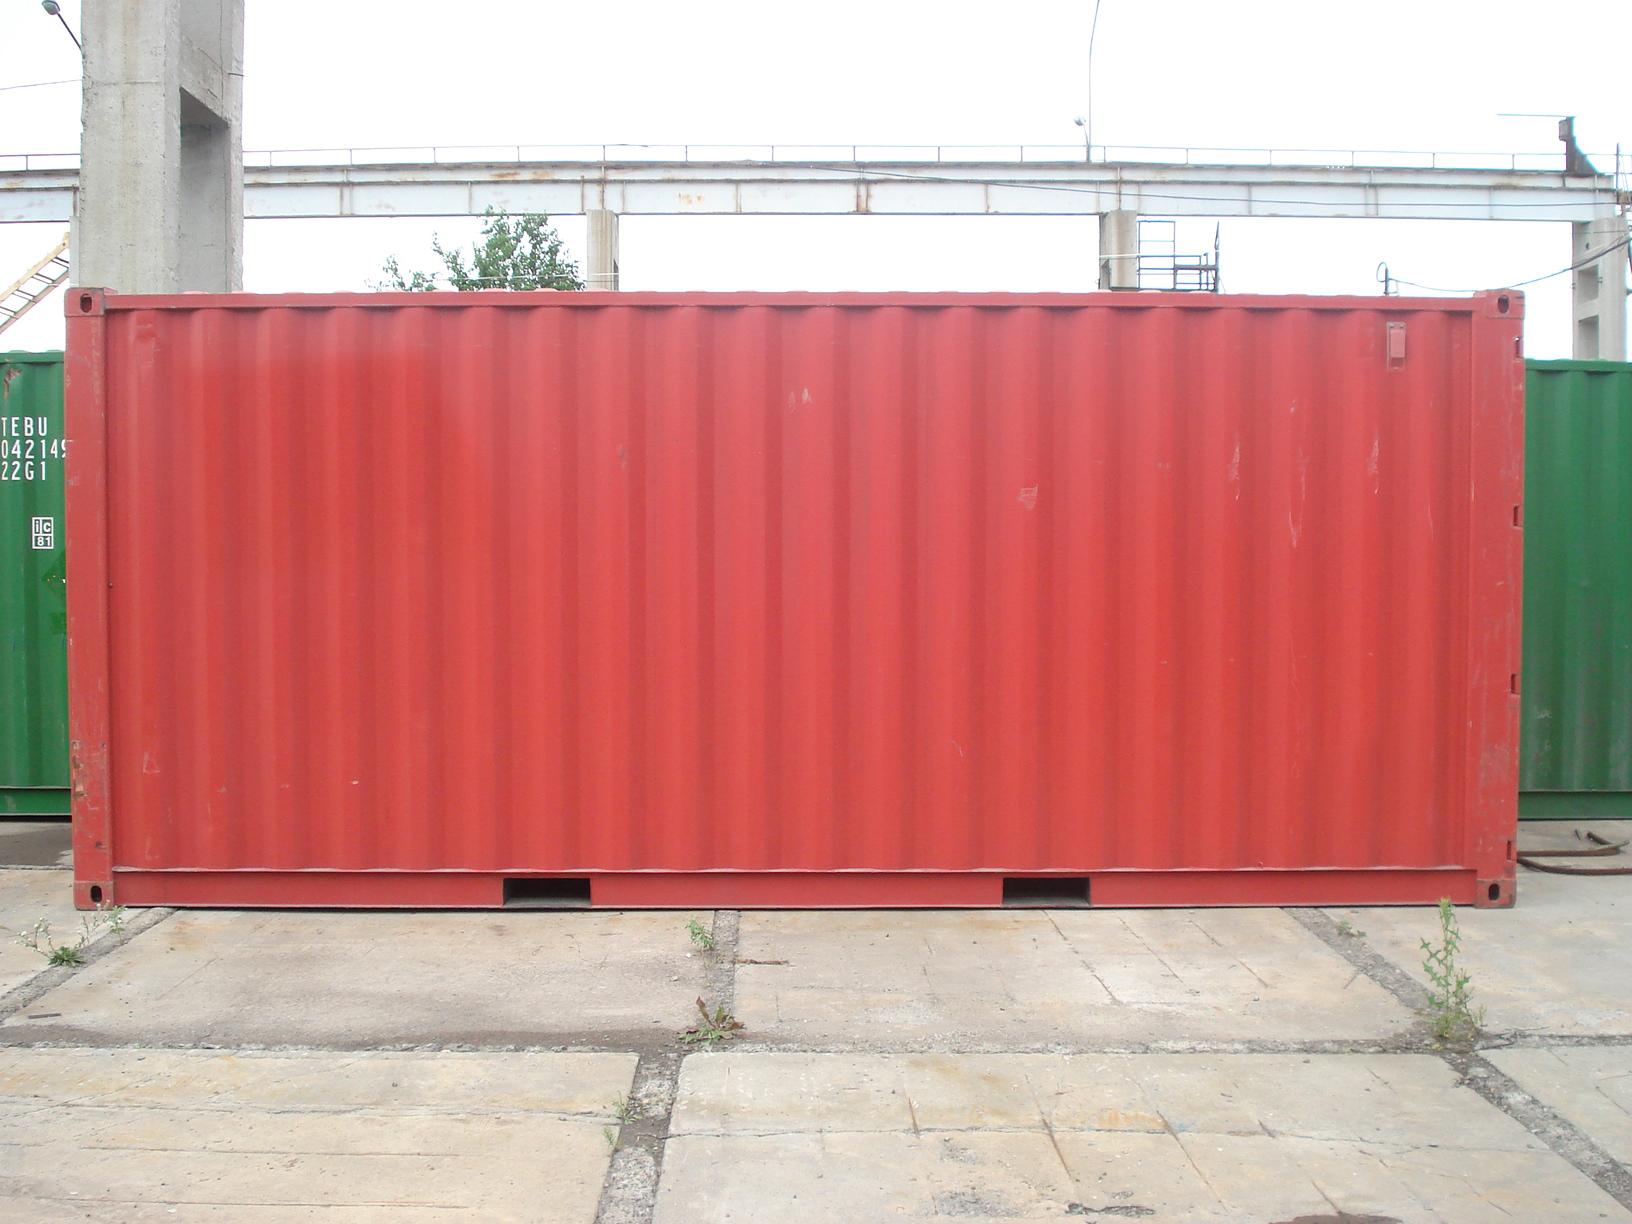 Prix conteneur 20 ft container 20 conteneur 20 pieds for Prix conteneur